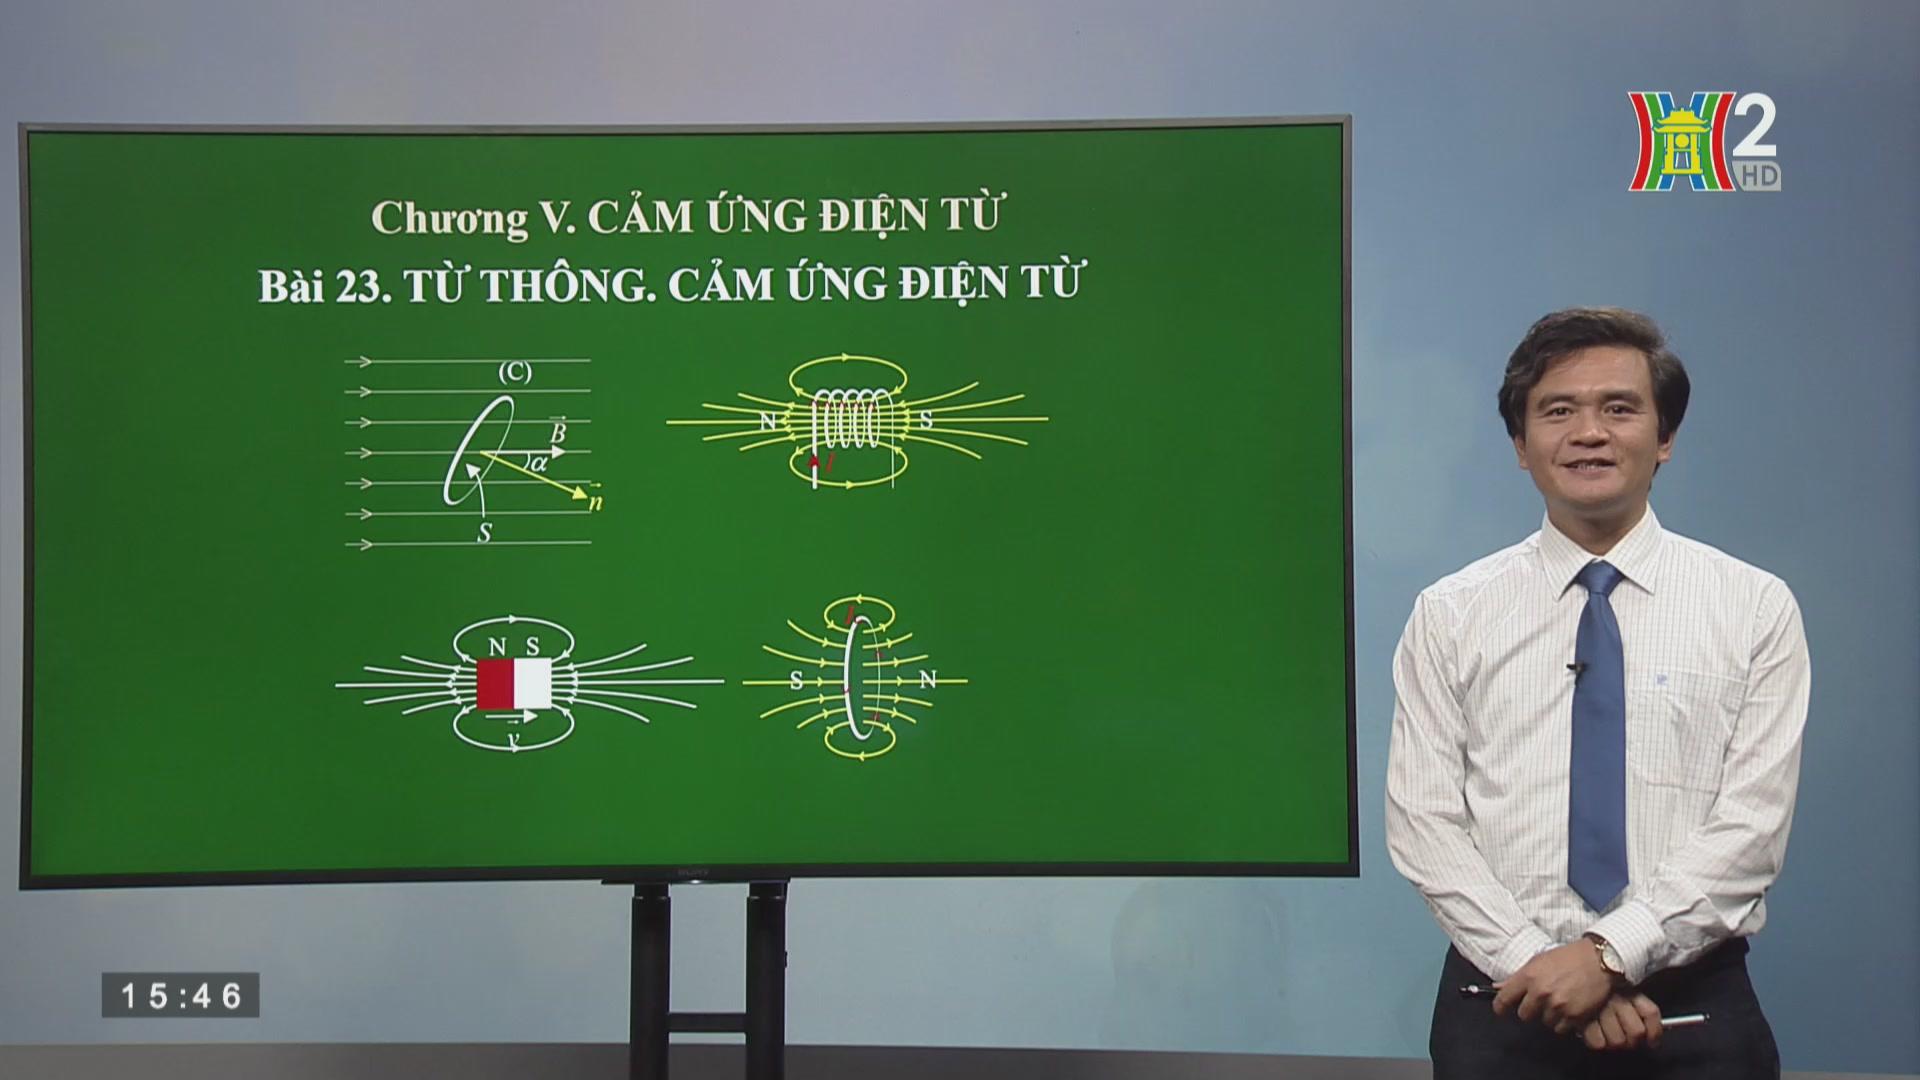 Vật lý lớp 11: Bài 23 Từ thông, cảm ứng điện từ